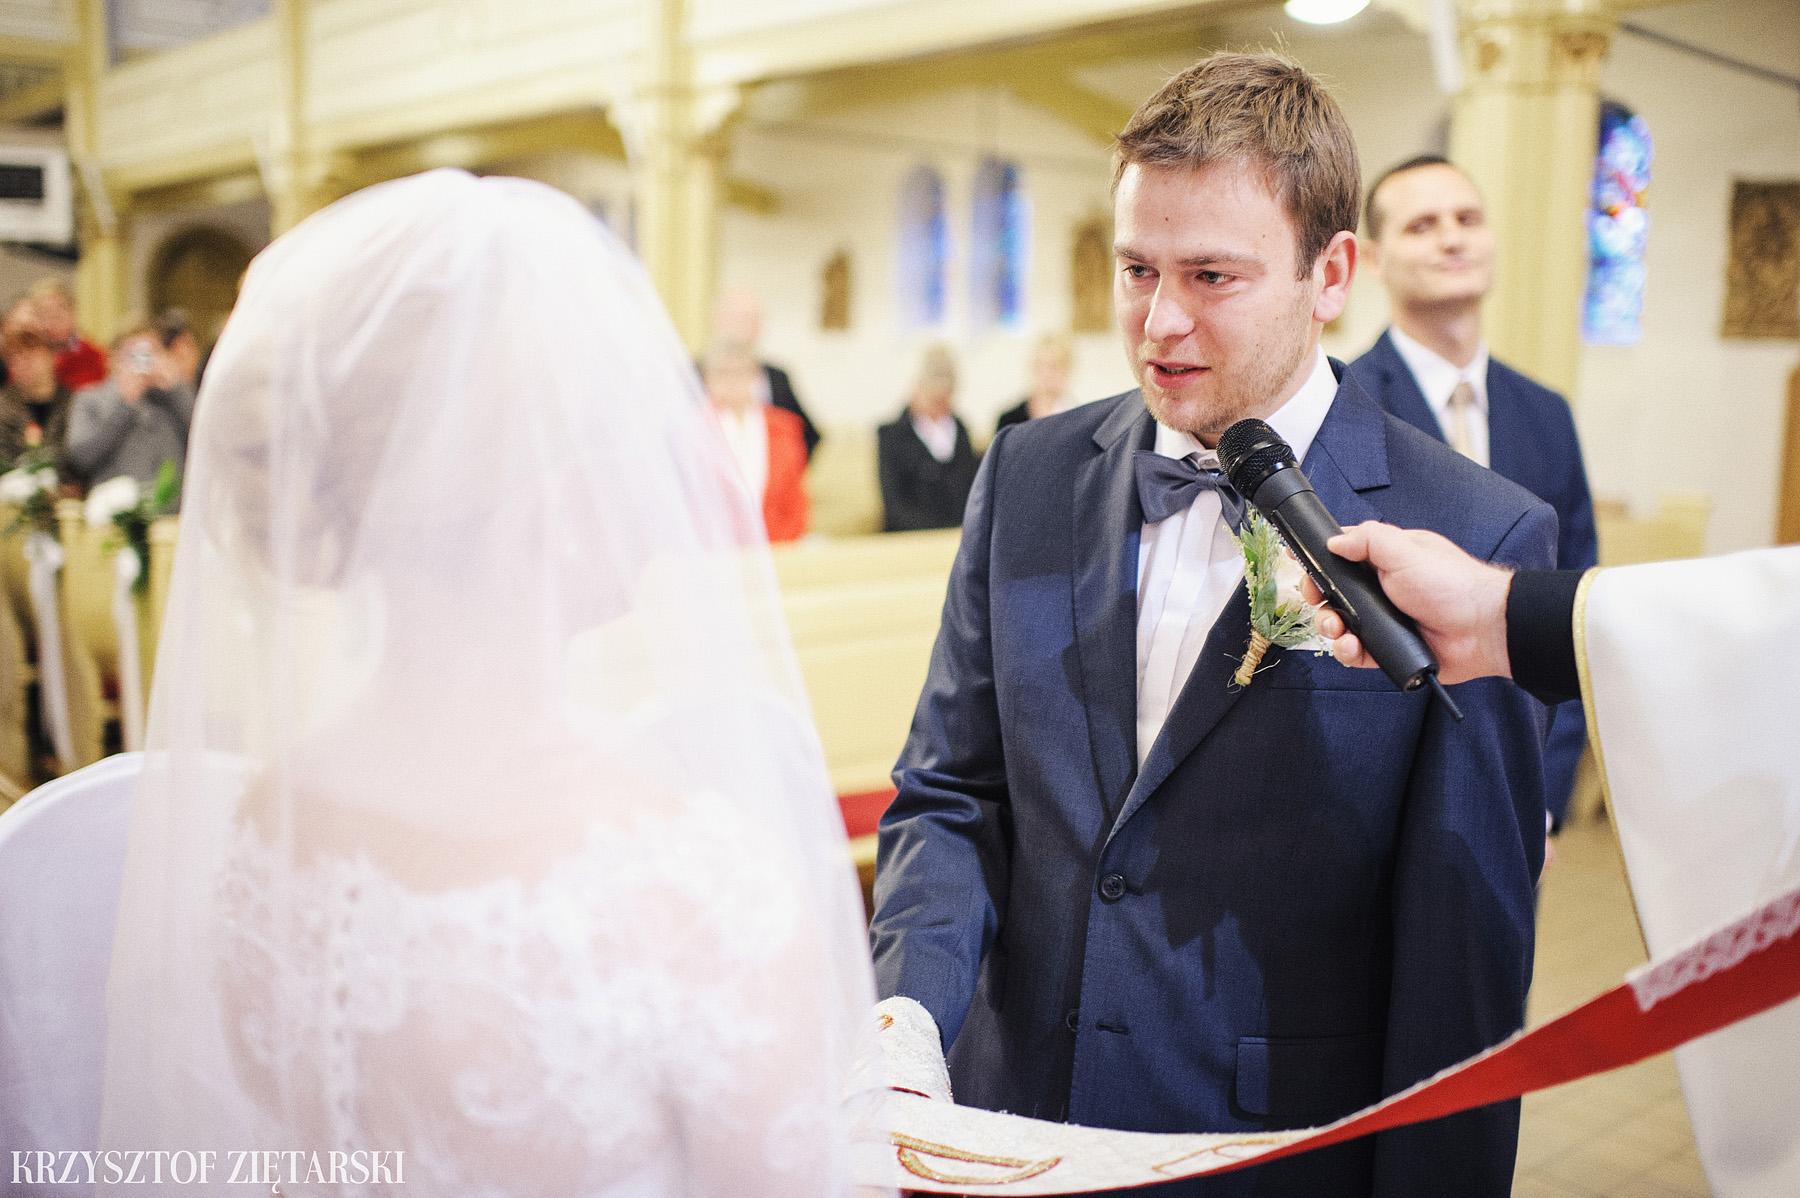 Agnieszka i Jacek - Fotografia ślubna Słupsk, kościół NSJ, wesele Gościniec Młyn Słupski, plener ślubny w Gdyni - 17.